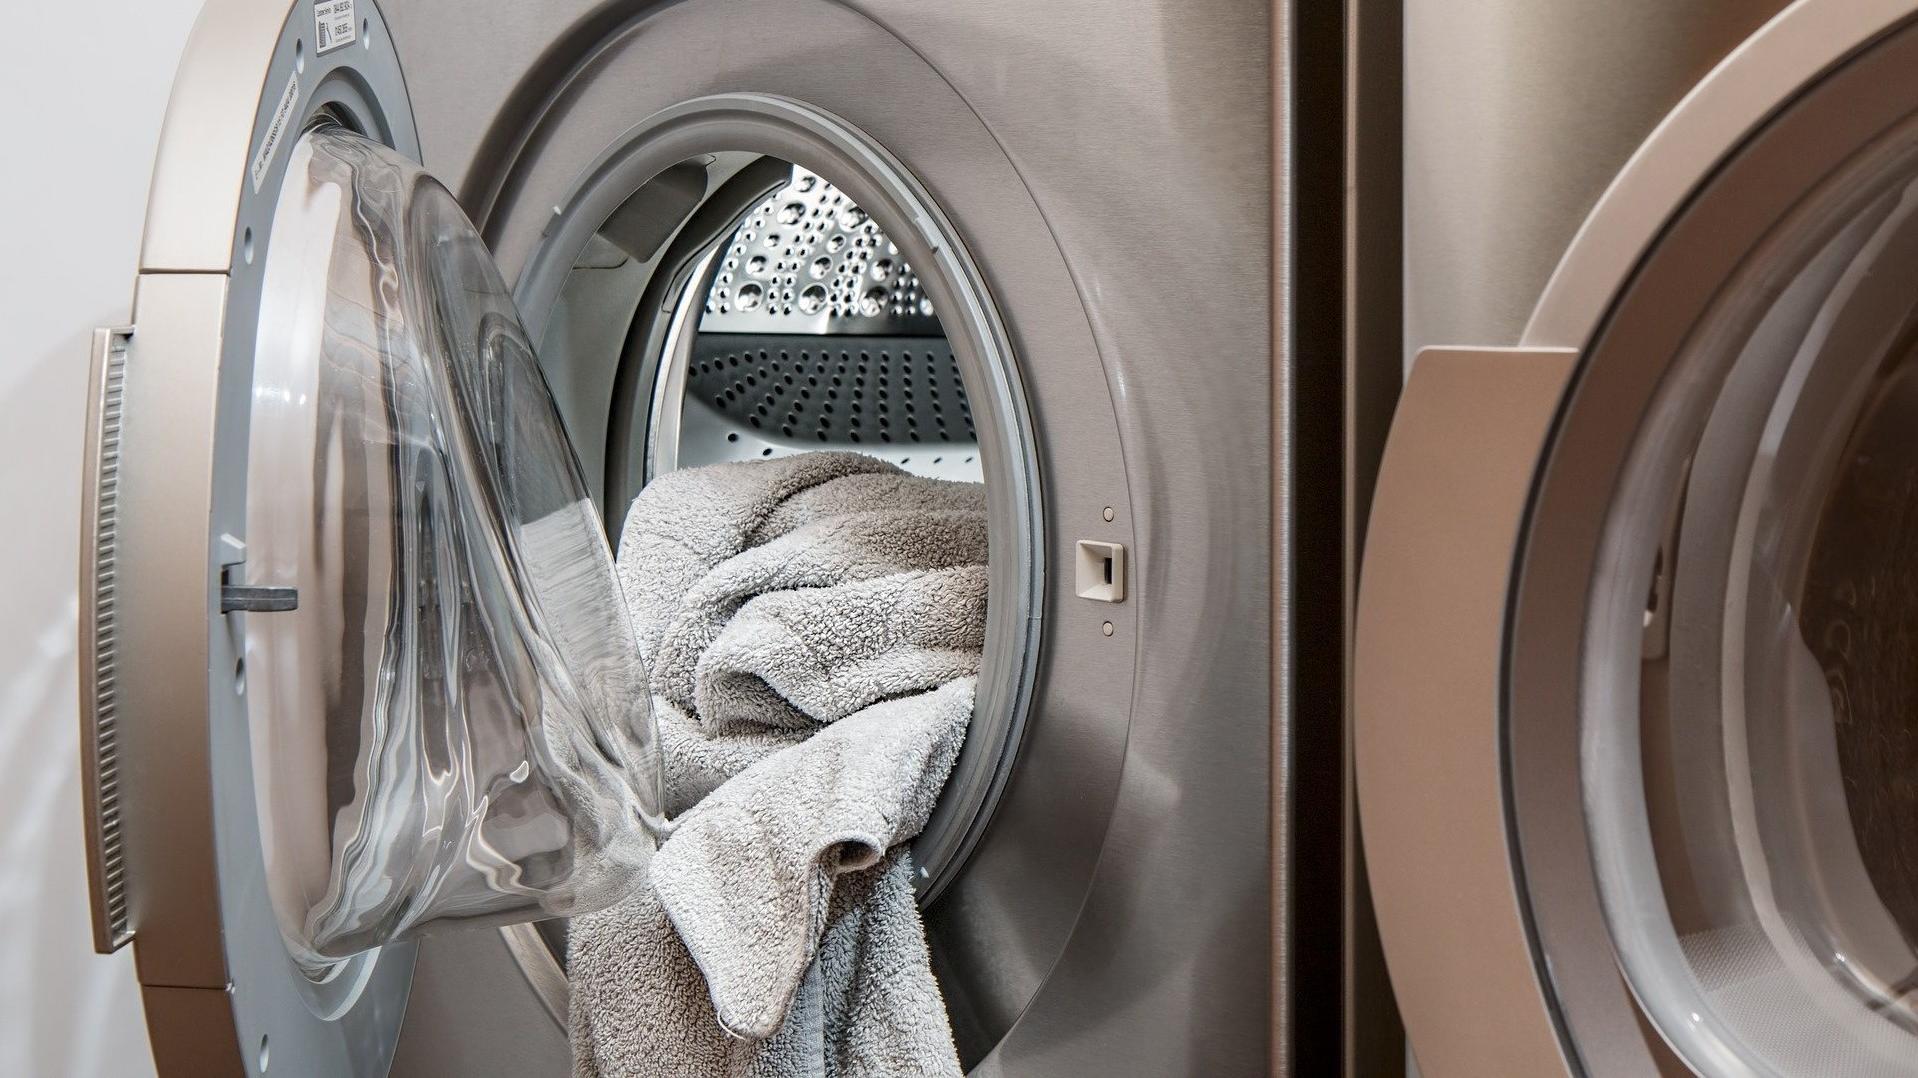 Faltenfreie Wäsche: Nutzen Sie Ihren Trockner